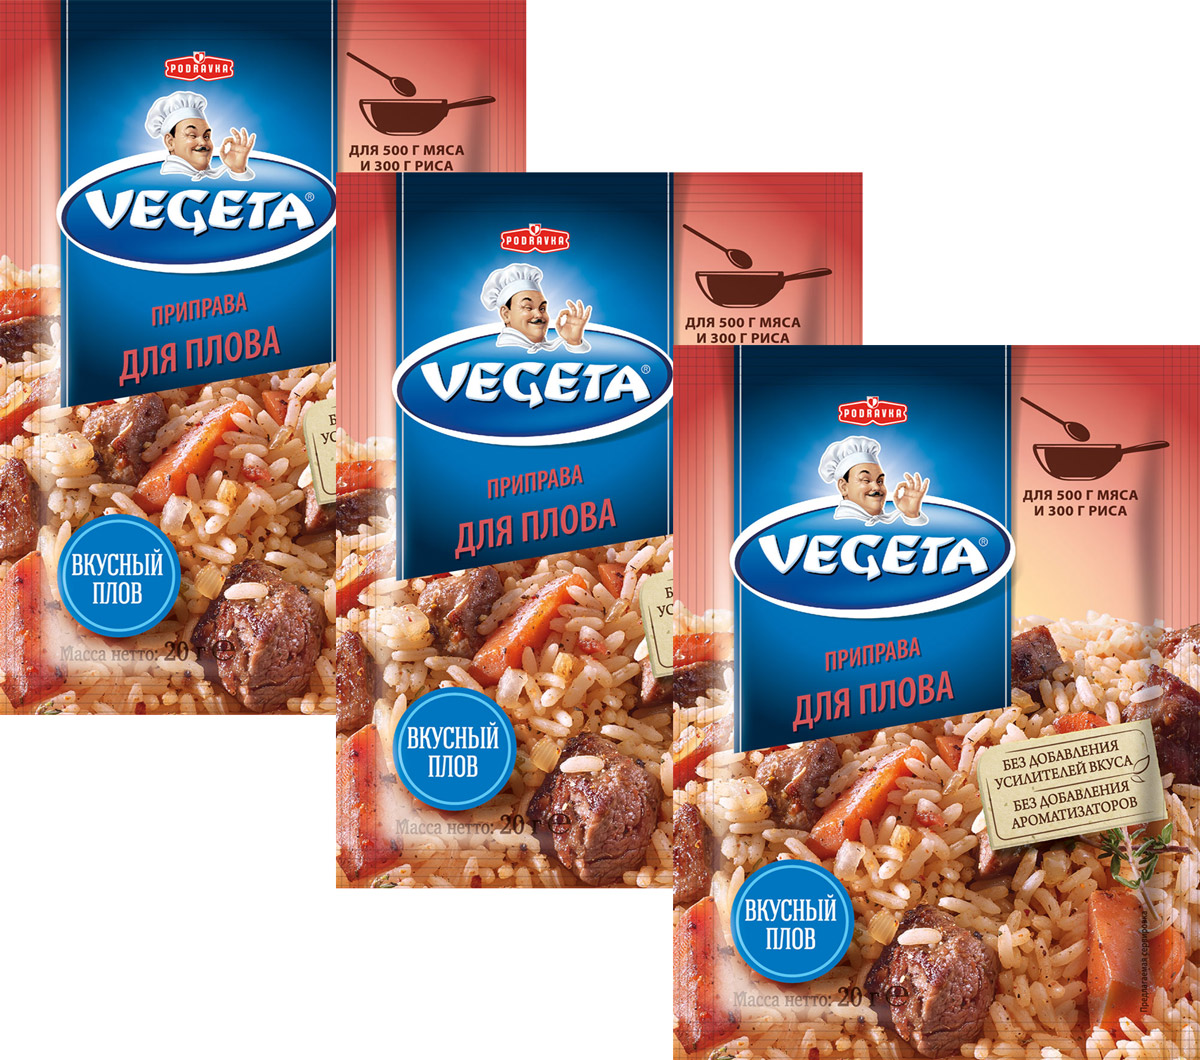 все цены на  Vegeta приправа для плова, 3 пакета по 20 г  в интернете